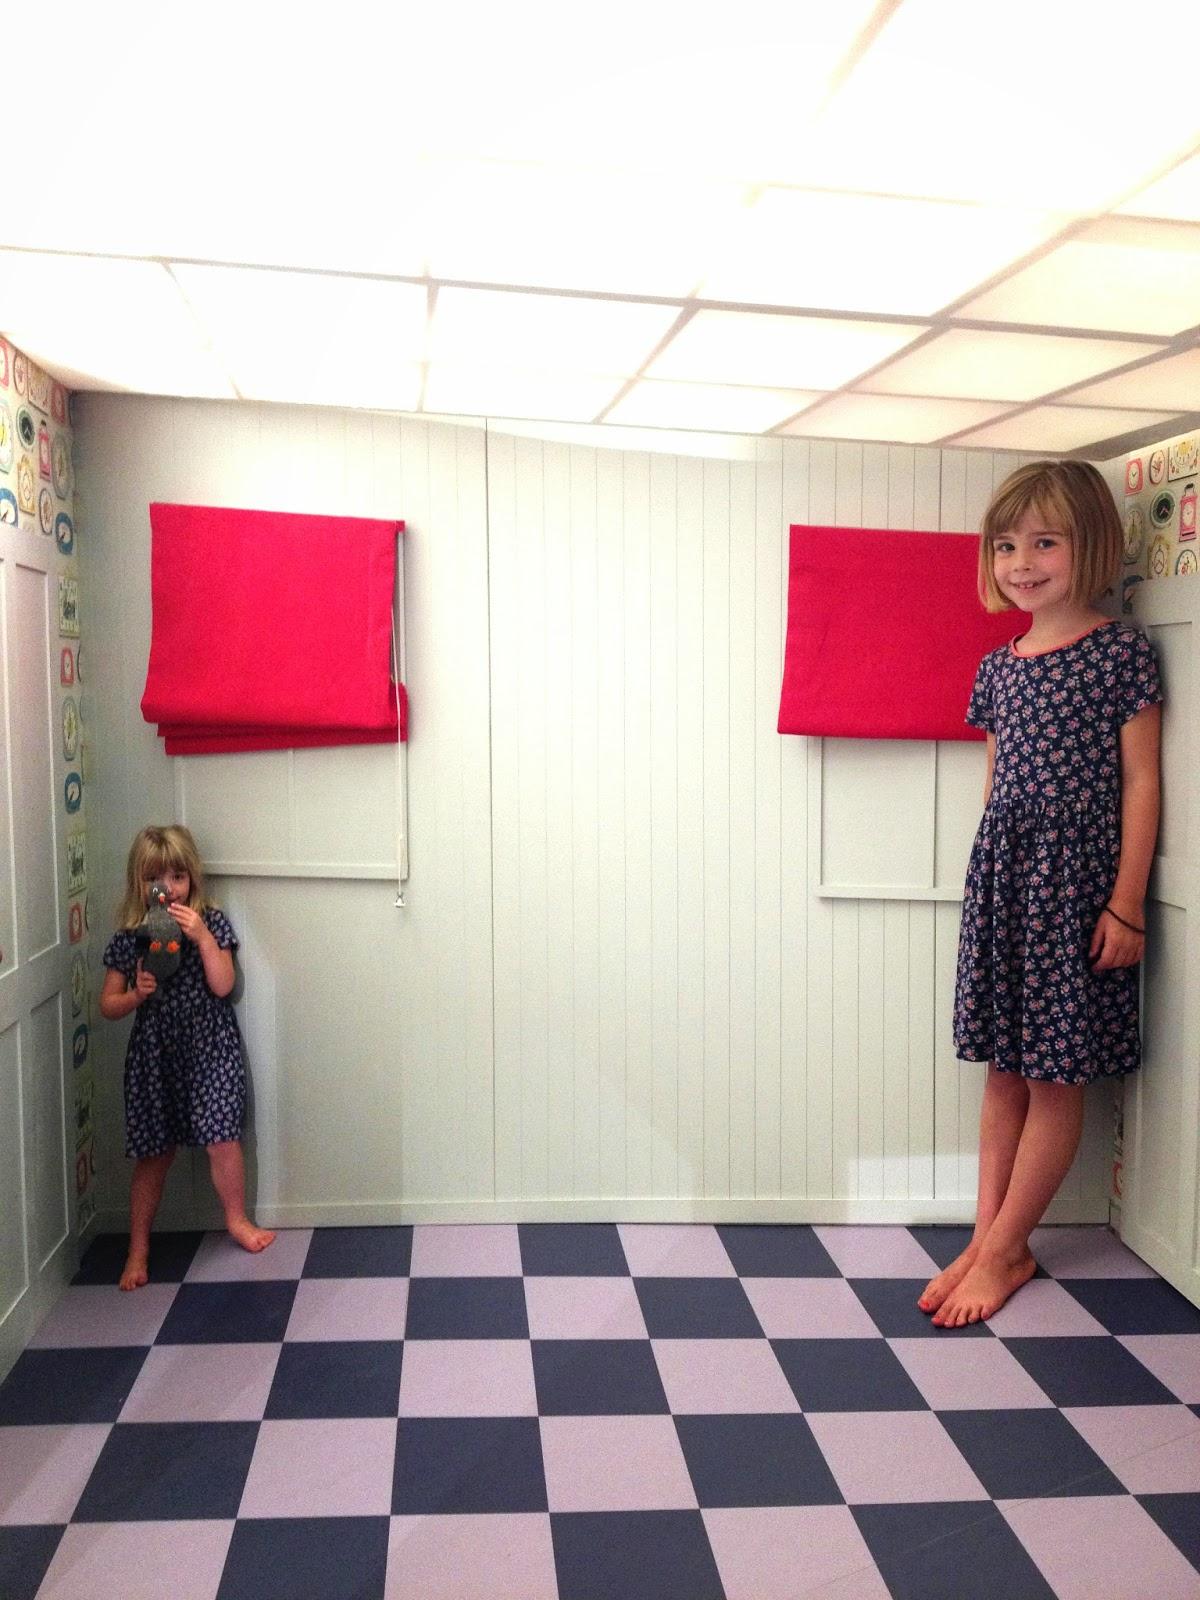 Illusions Room Illusion Room Uses Mirrors